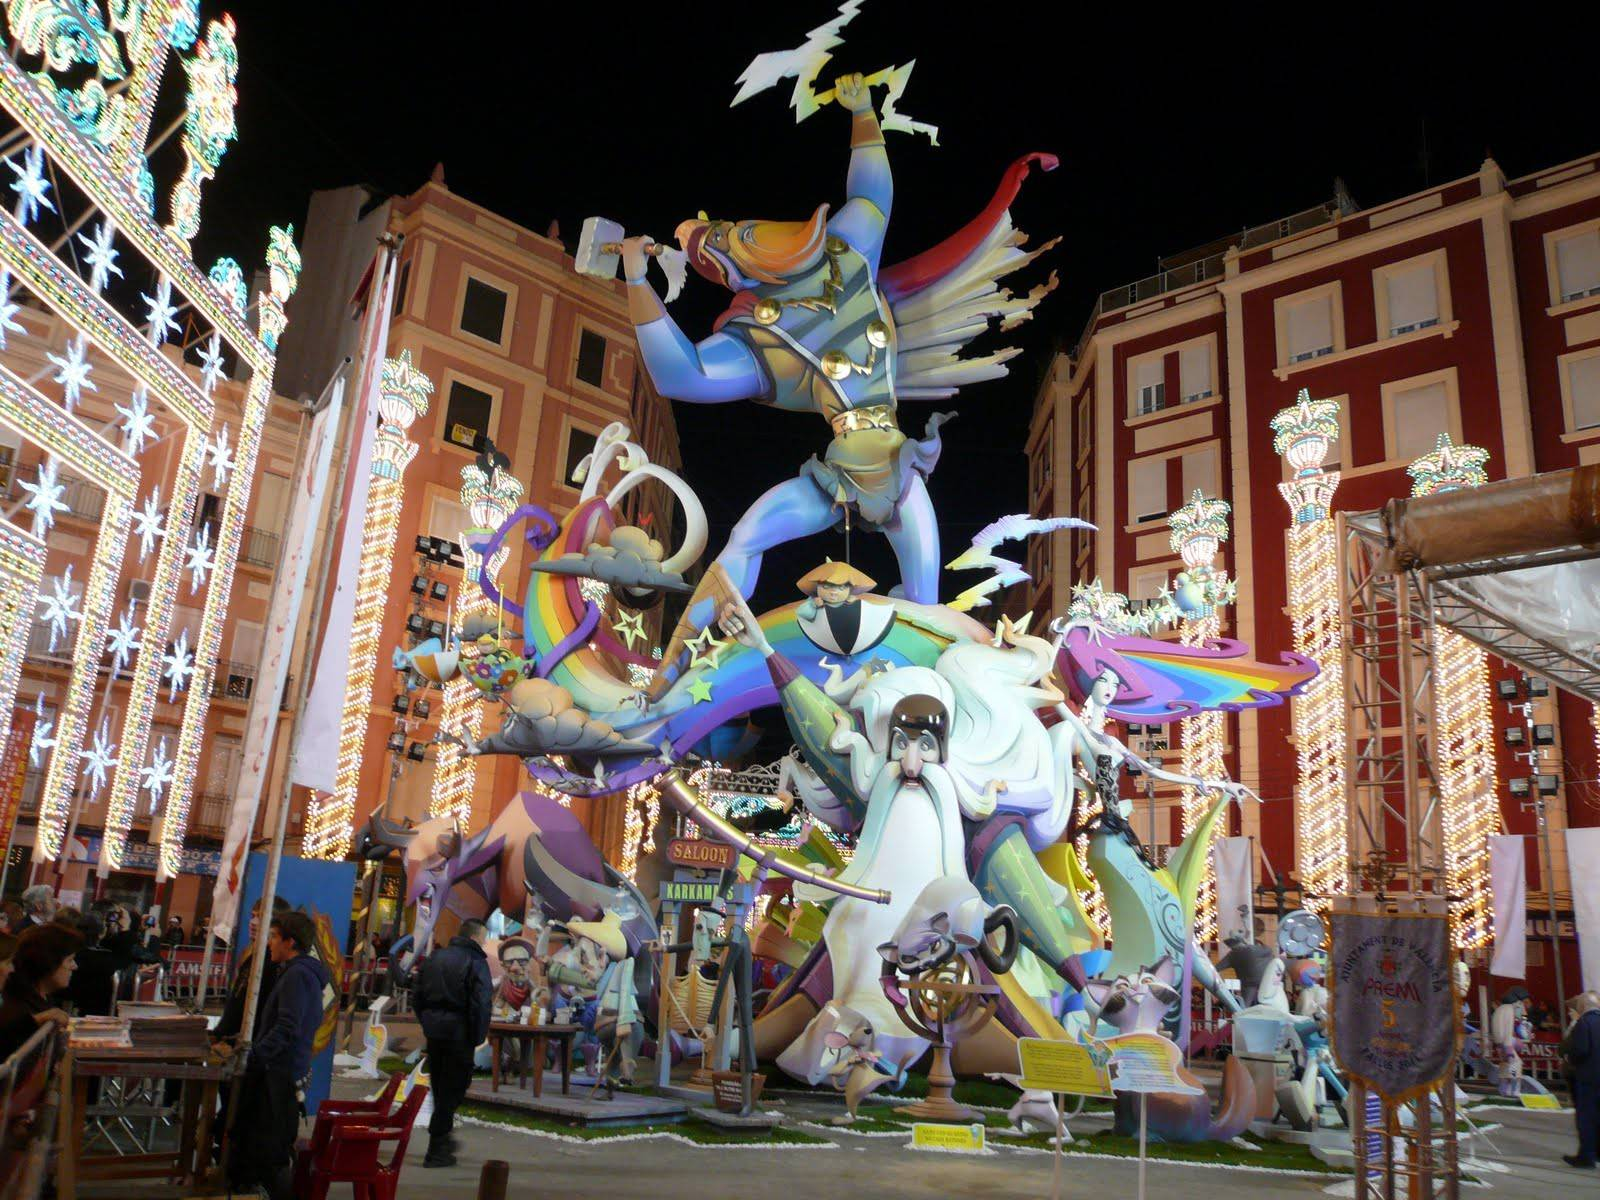 Испанские праздники: национальные традиции и обычаи, особенности празднования